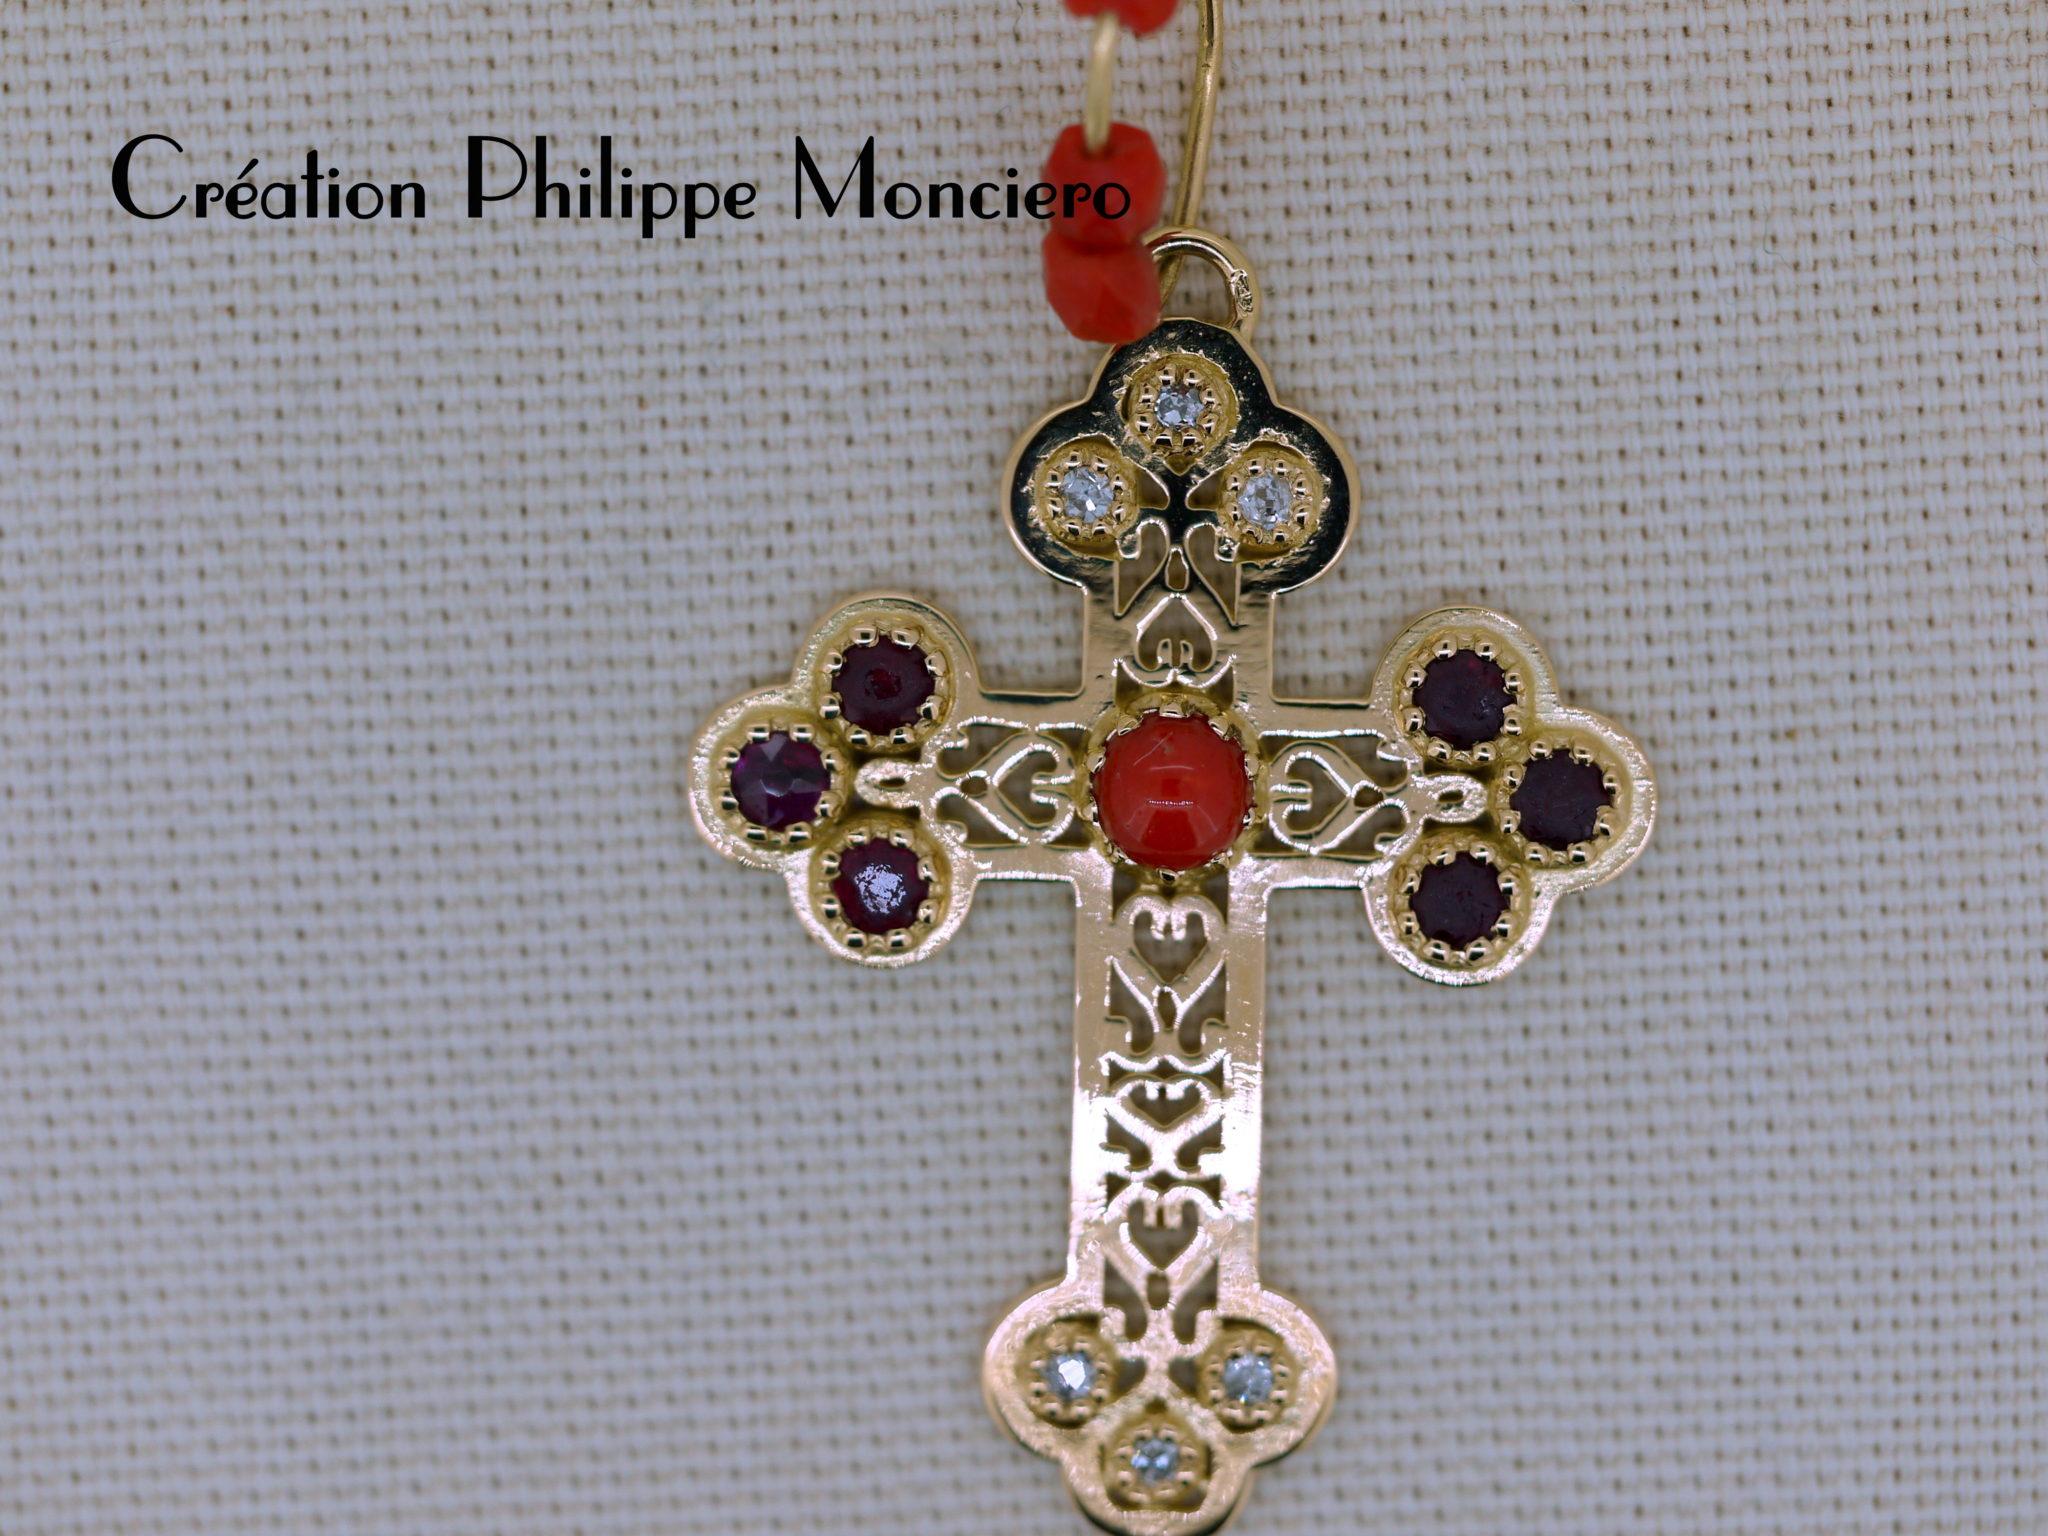 Croix Provençale, diamants, rubis et corail. Monciero - Nîmes